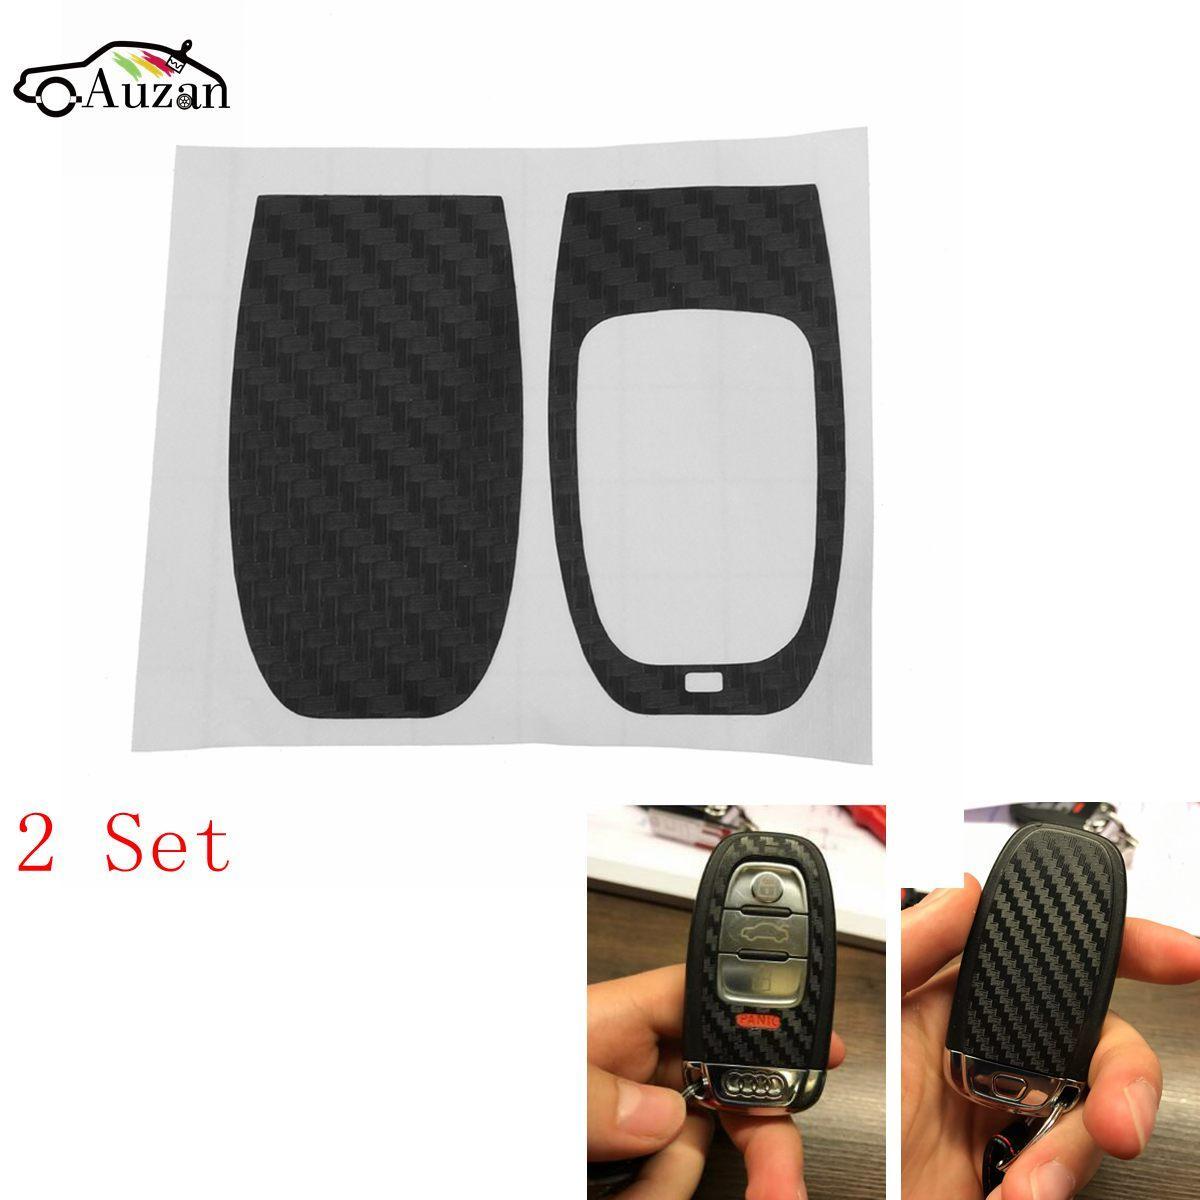 2 компл. стайлинга автомобилей углеродного волокна ключ наклейка для AUDI A4 A6 Rs4 A5 A7 A8 S5 Rs5 8t Q5 S6